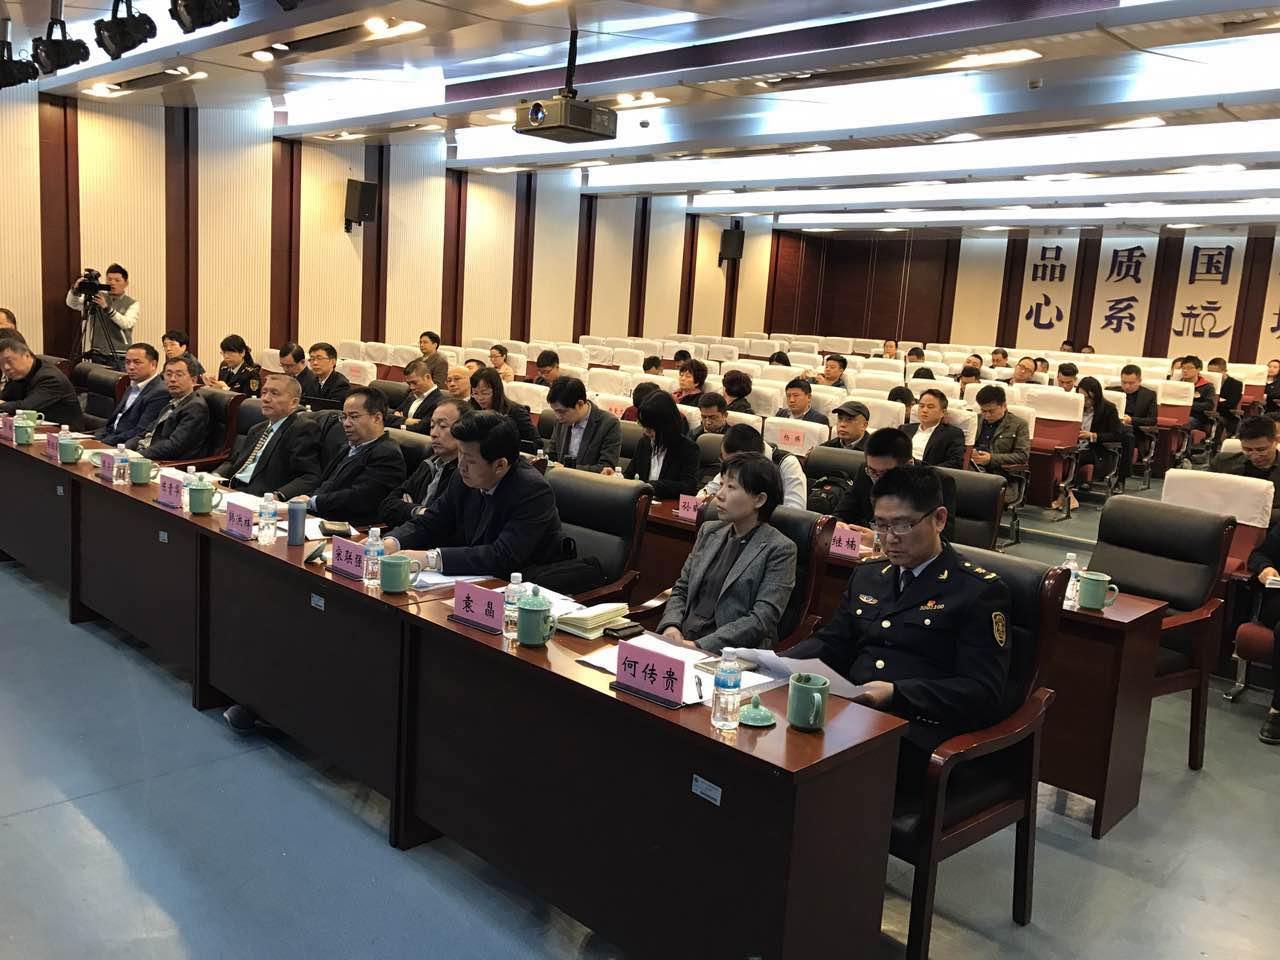 促进行业健康发展,平衡车进出口安全工作会议在杭州成功召开